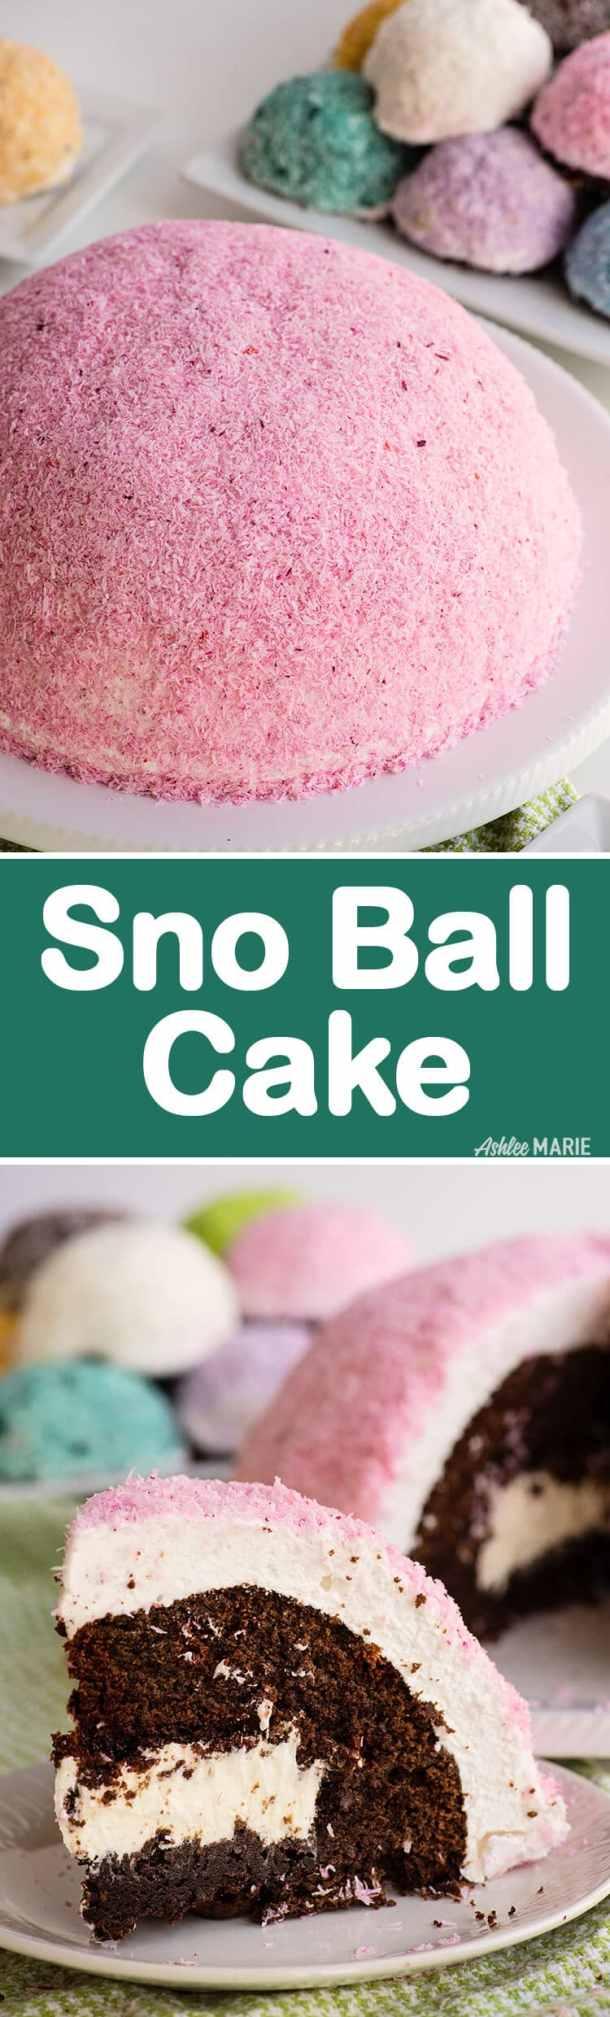 make a giant hostess sno ball cake - video tutorial and recipe